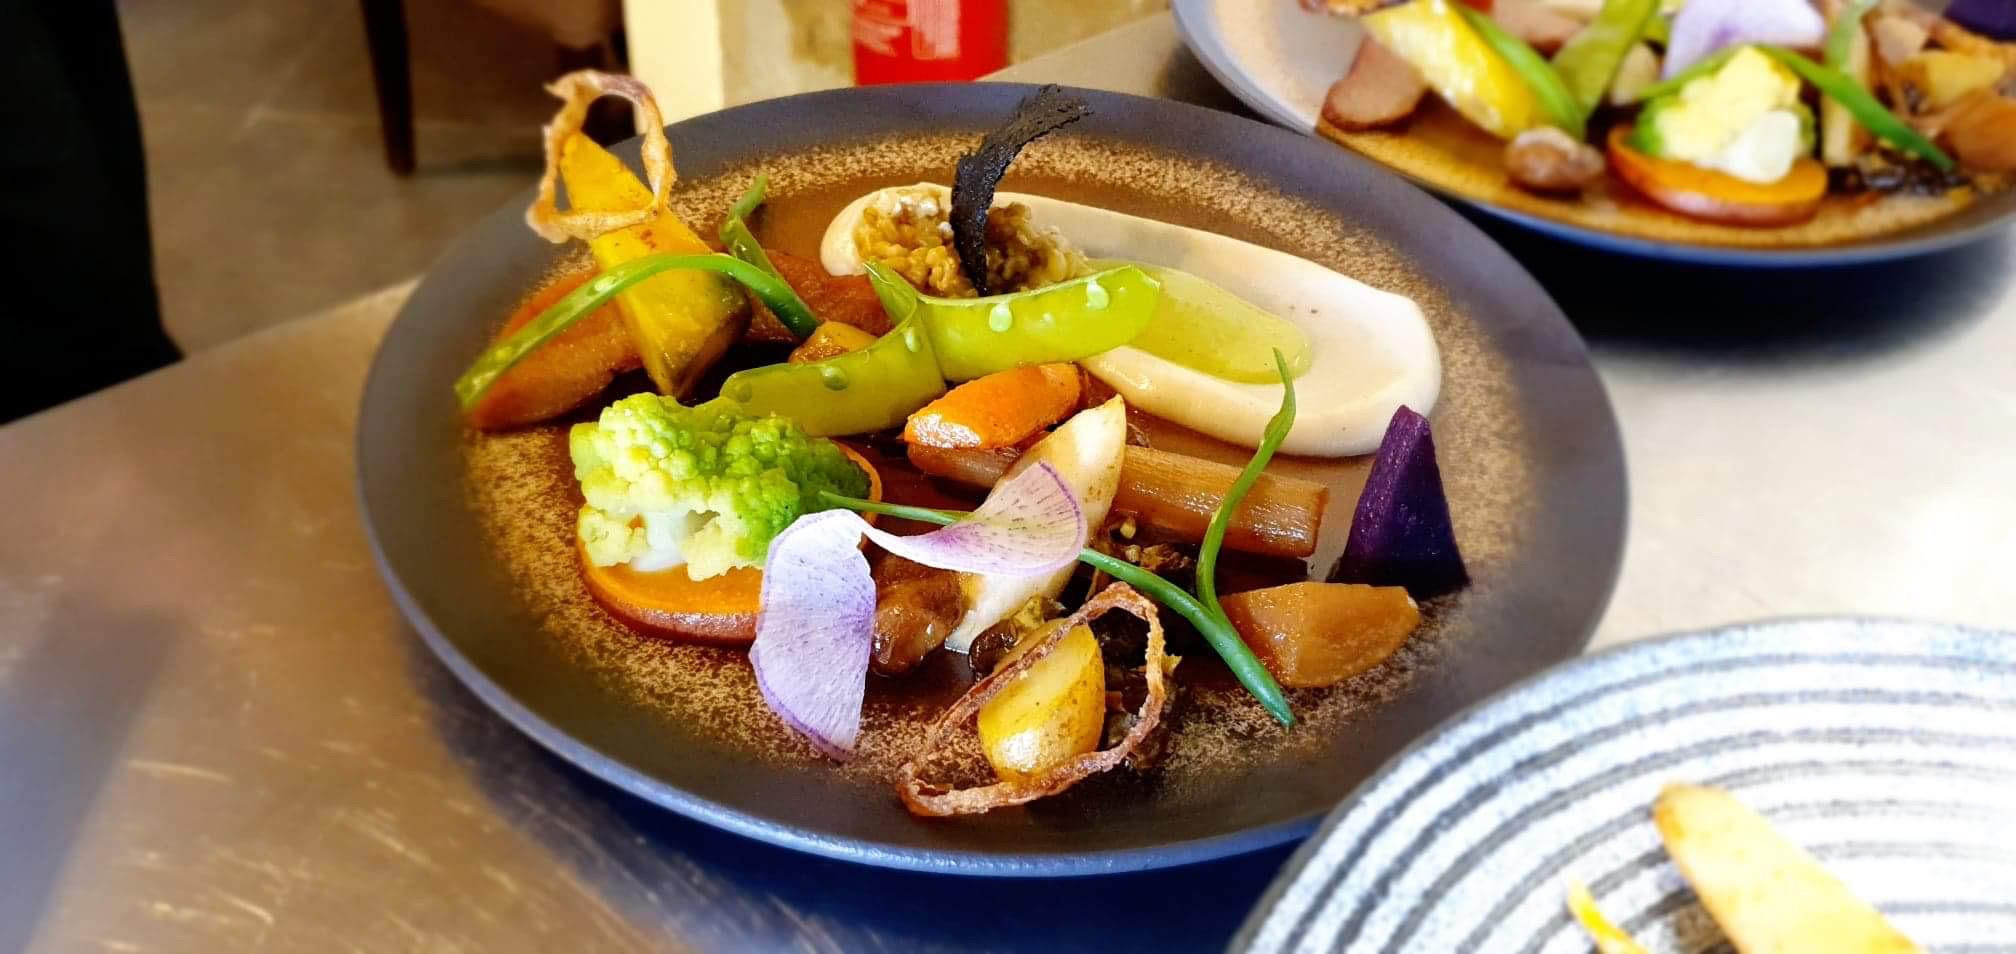 Plat vegetarien au Restaurant Le XII-Douze de Luynes, pres de Tours, Val de Loire, Touraine